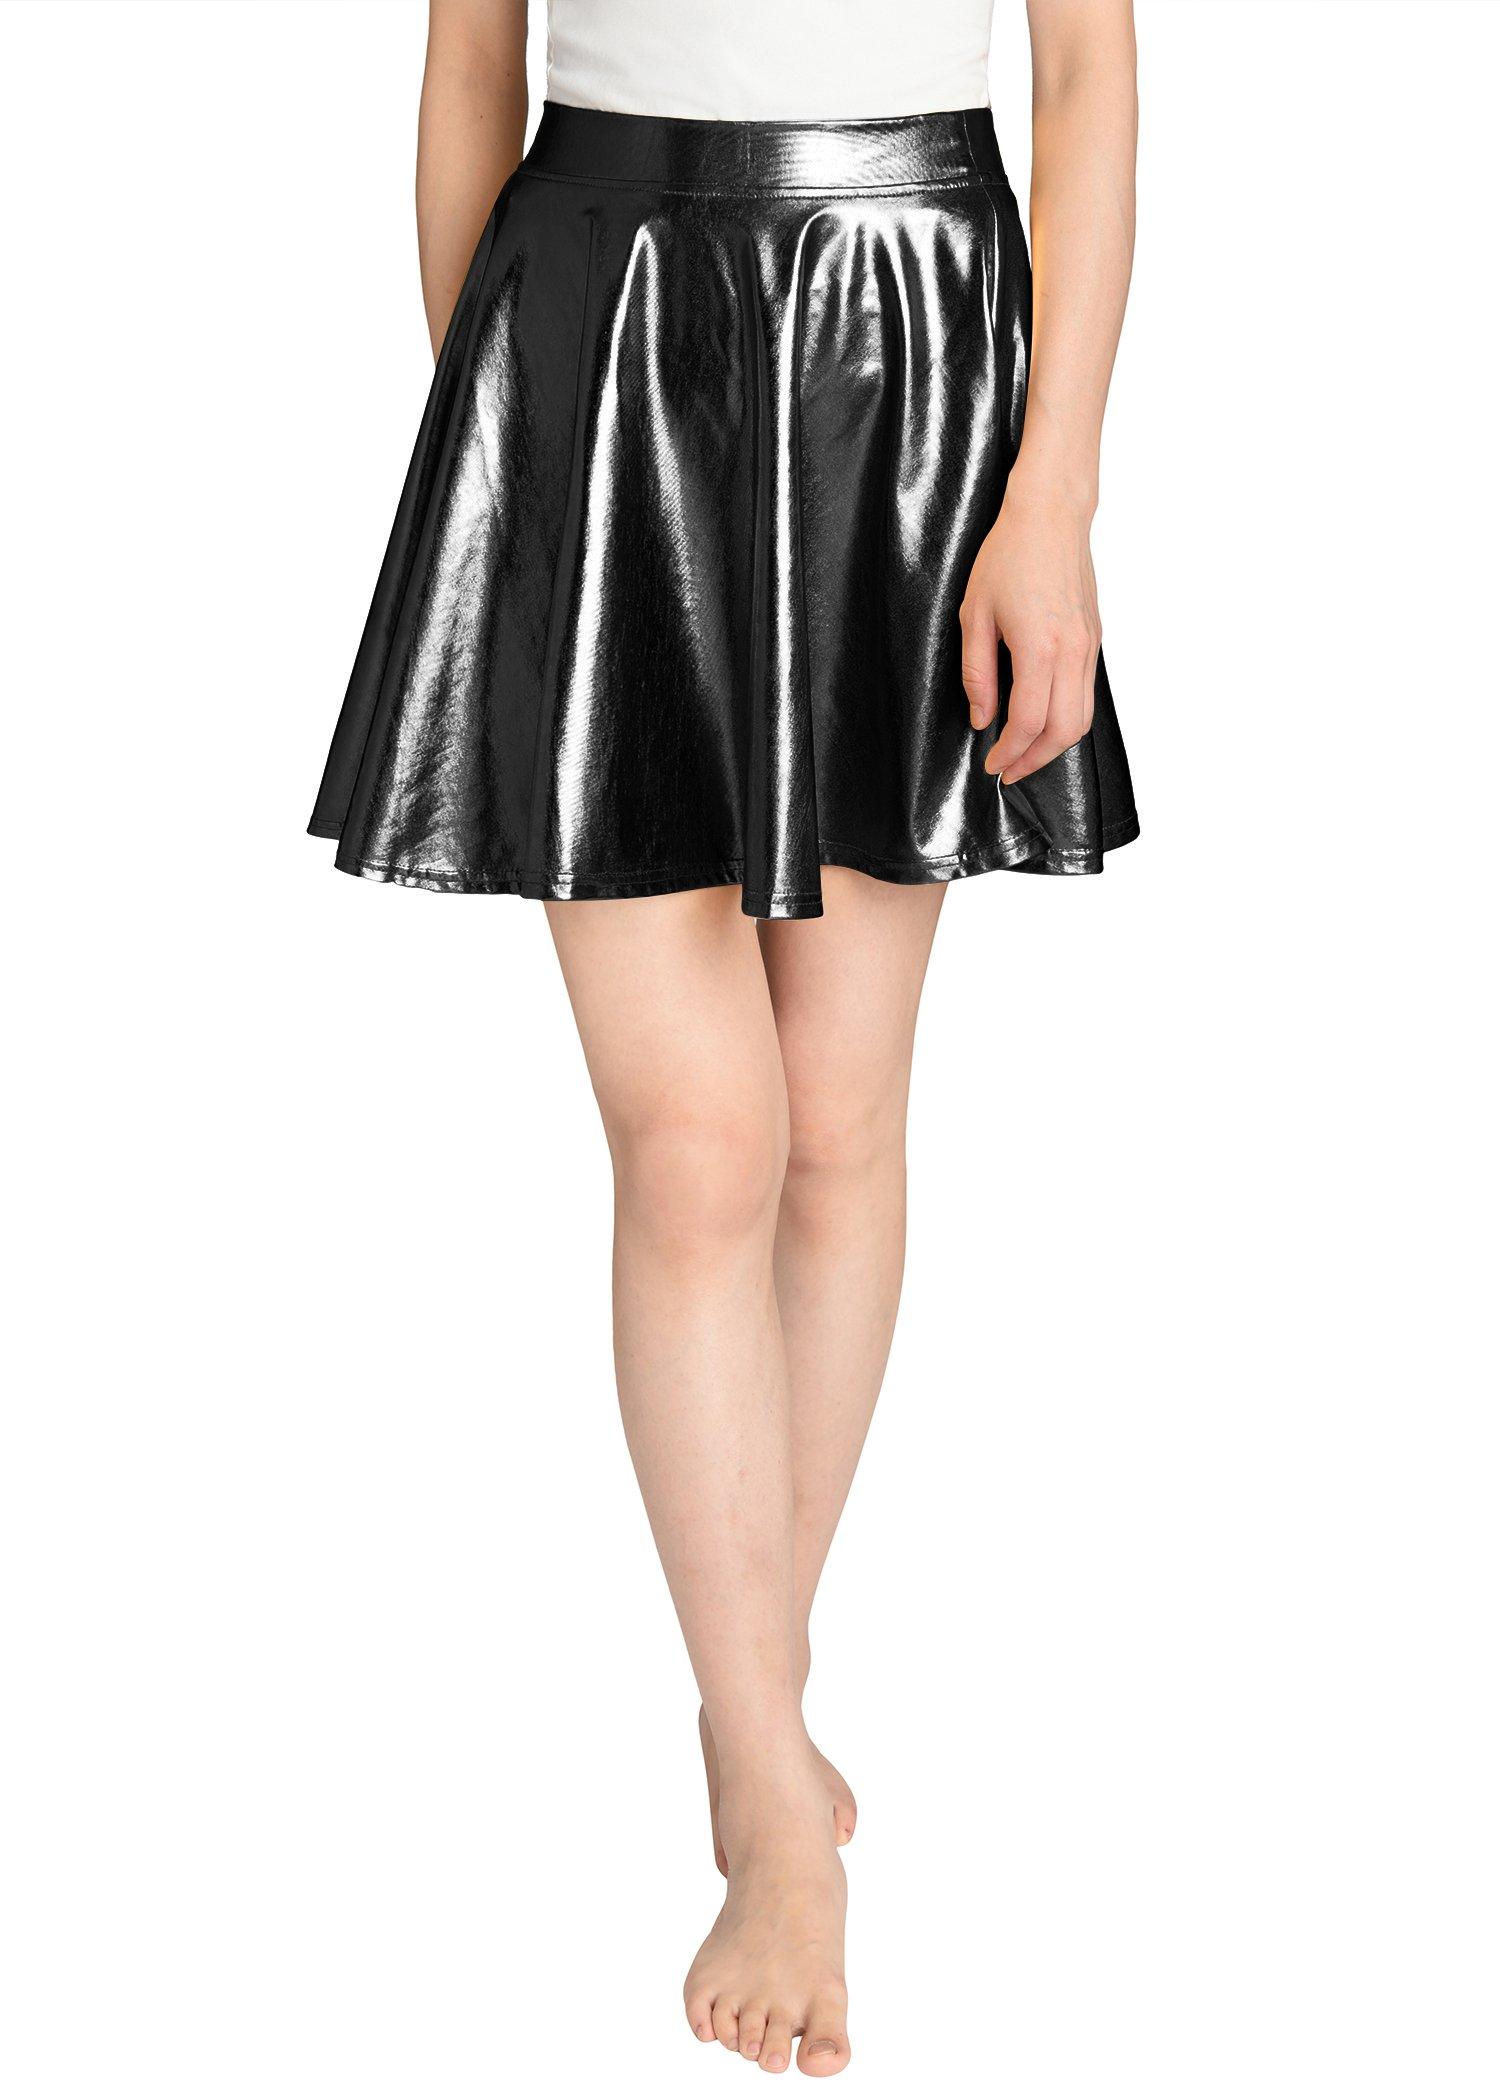 JustinCostume Women's Metallic Skirt Flared Shiny Skirt S Black